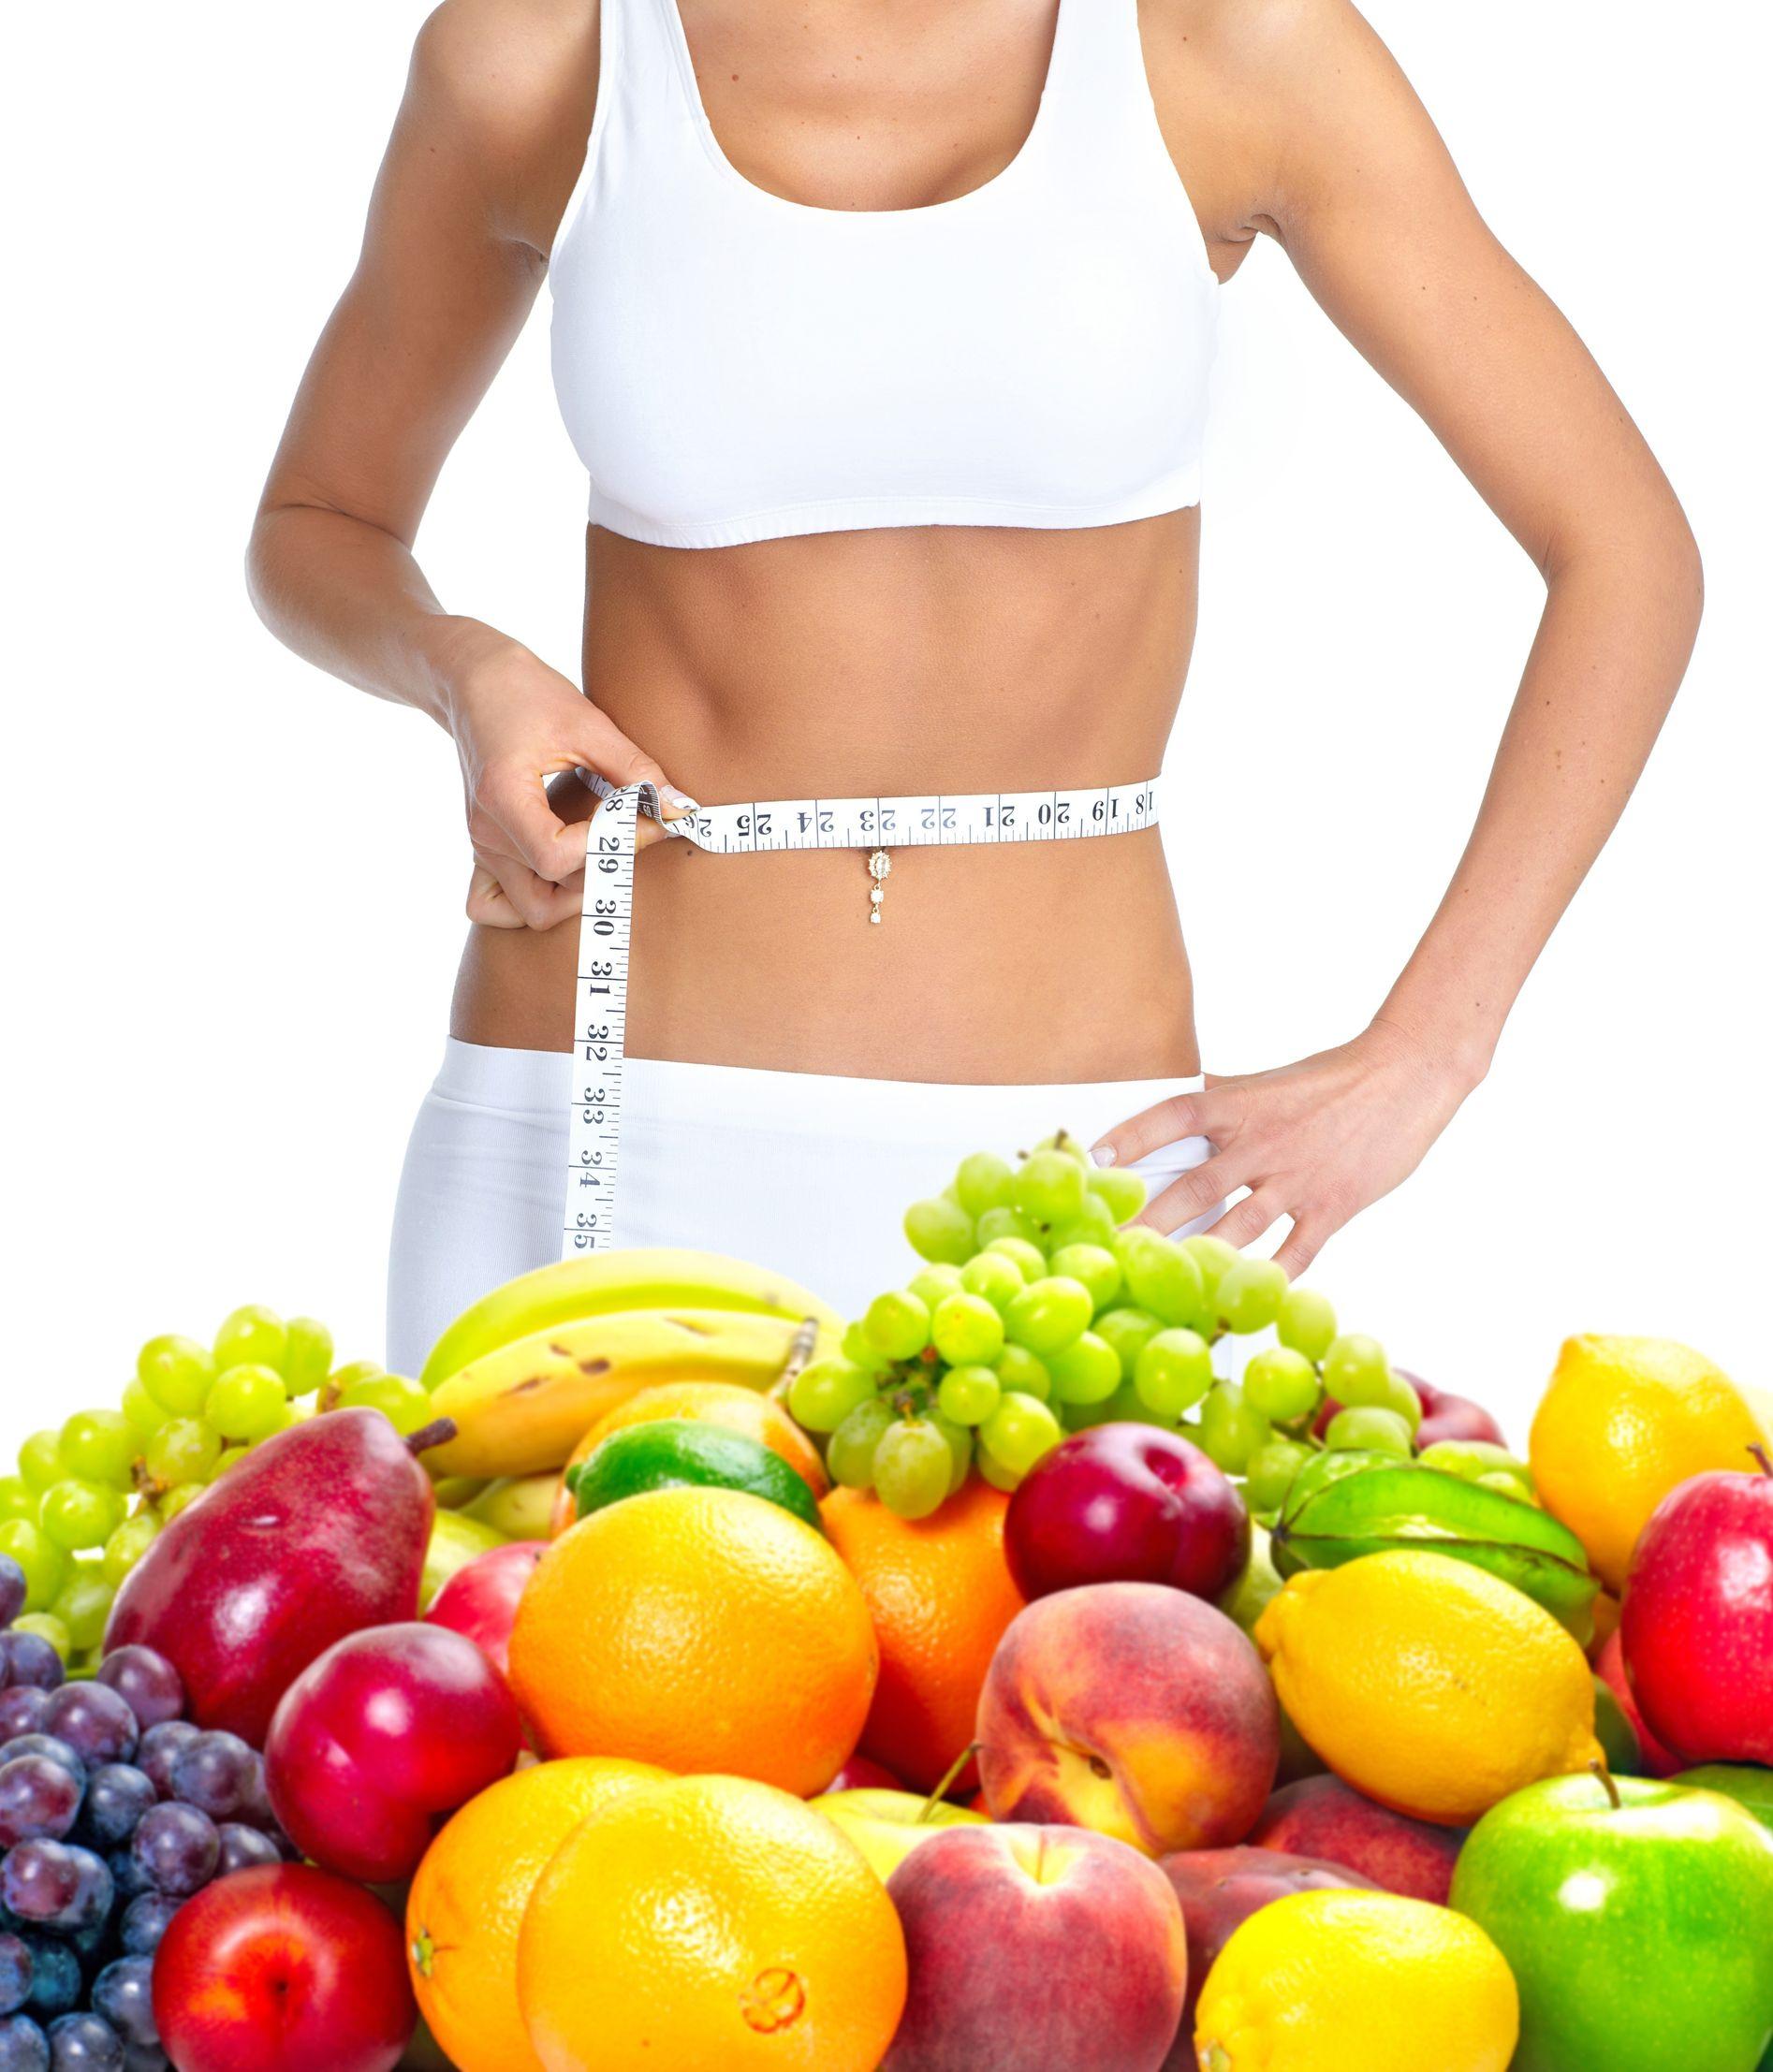 Хочу Похудеть Как Правильно. Как быстро похудеть в домашних условиях без диет? 10 основных правил как худеть правильно